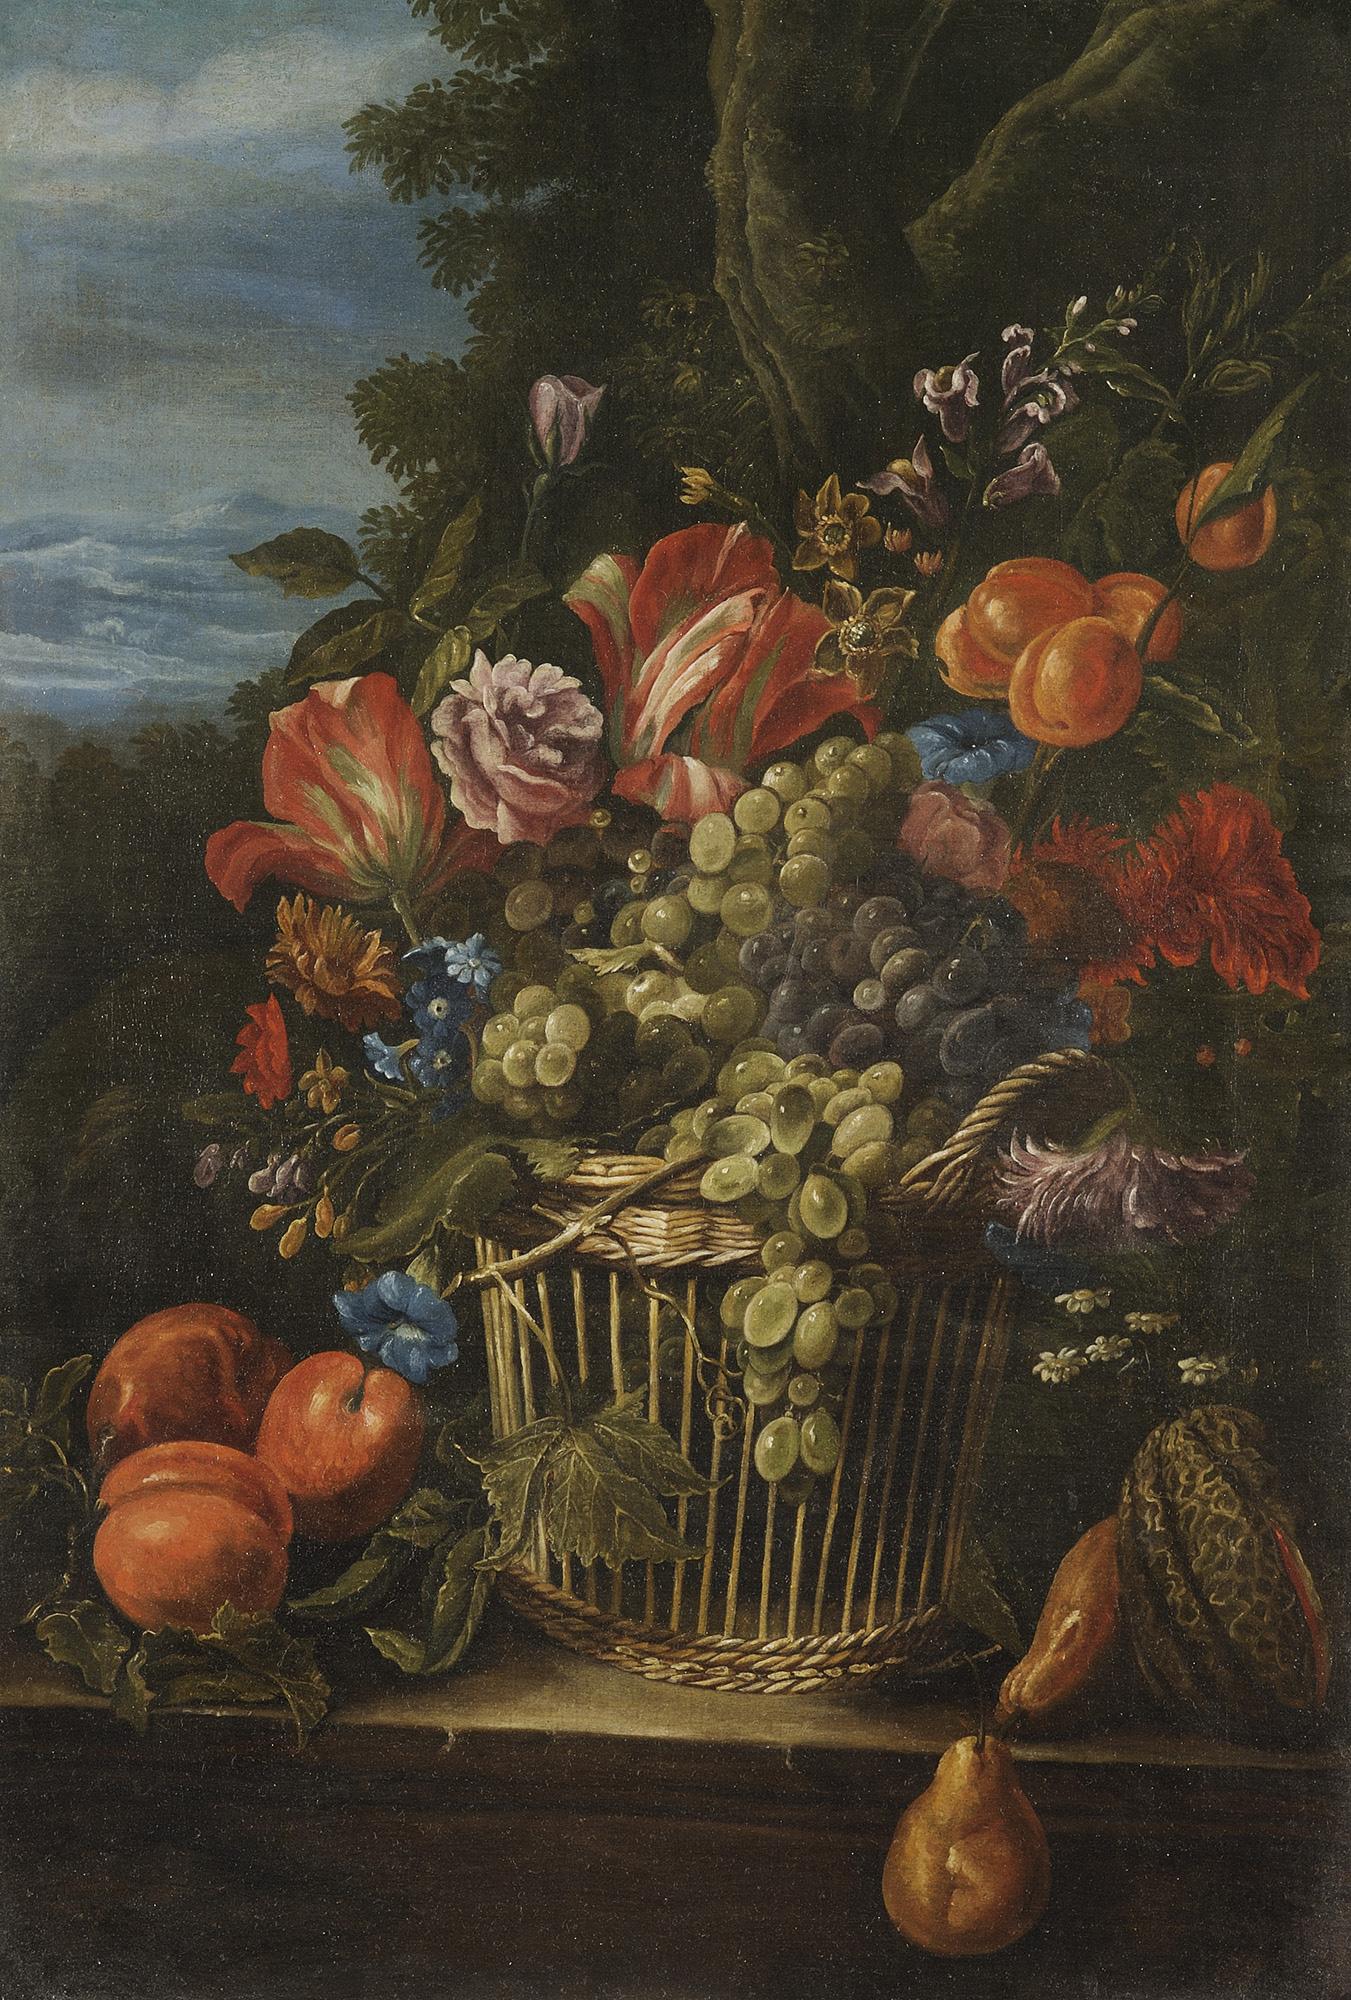 Uve bianche e nere, tulipani, campanule, rose e altri fiori in cesto di vimini con frutti en plein air